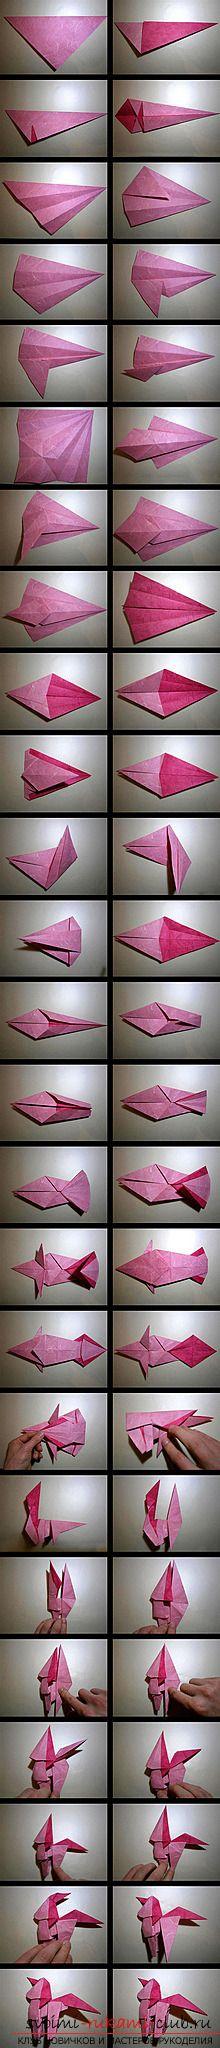 Как сделать розовую пони. Схема и фотографии для оригами животного своими руками.. Фото №3